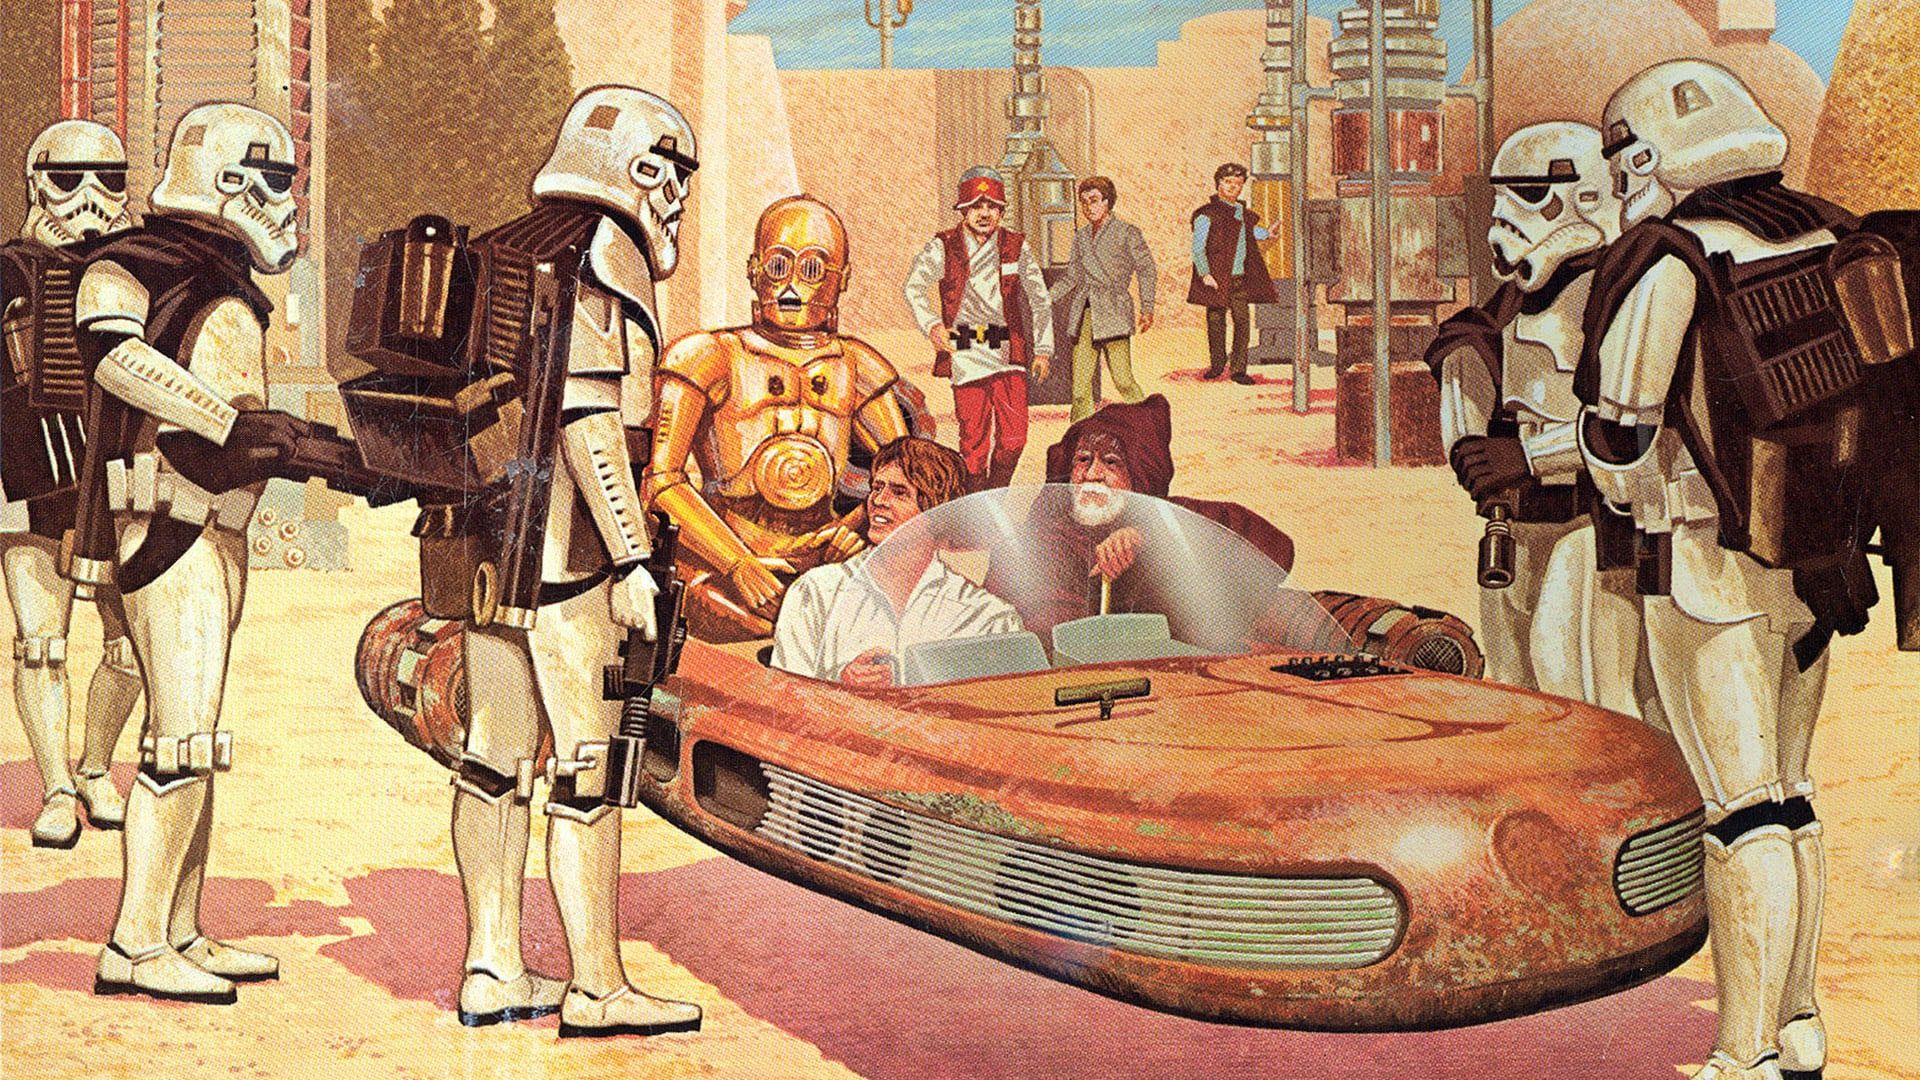 Watch Et Nyt Hab 1977 Putlocker Film Complet Streaming Imperiet Hersker Over Galaksen Og Jedi Ordenen Synes Star Wars Wallpaper Star Wars Episode Iv Star Wars